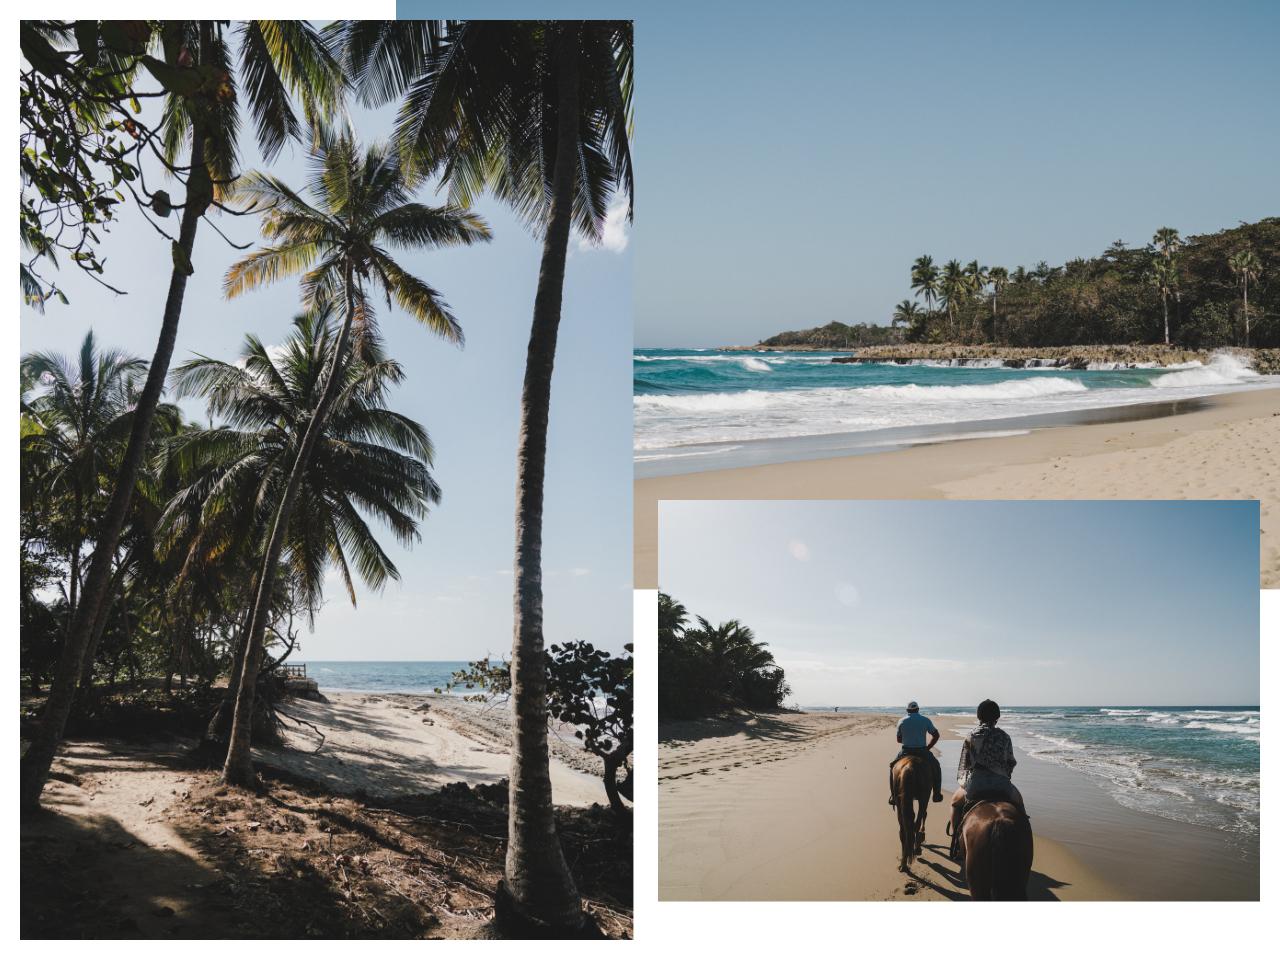 Voyage en République Dominicaine, Sosua